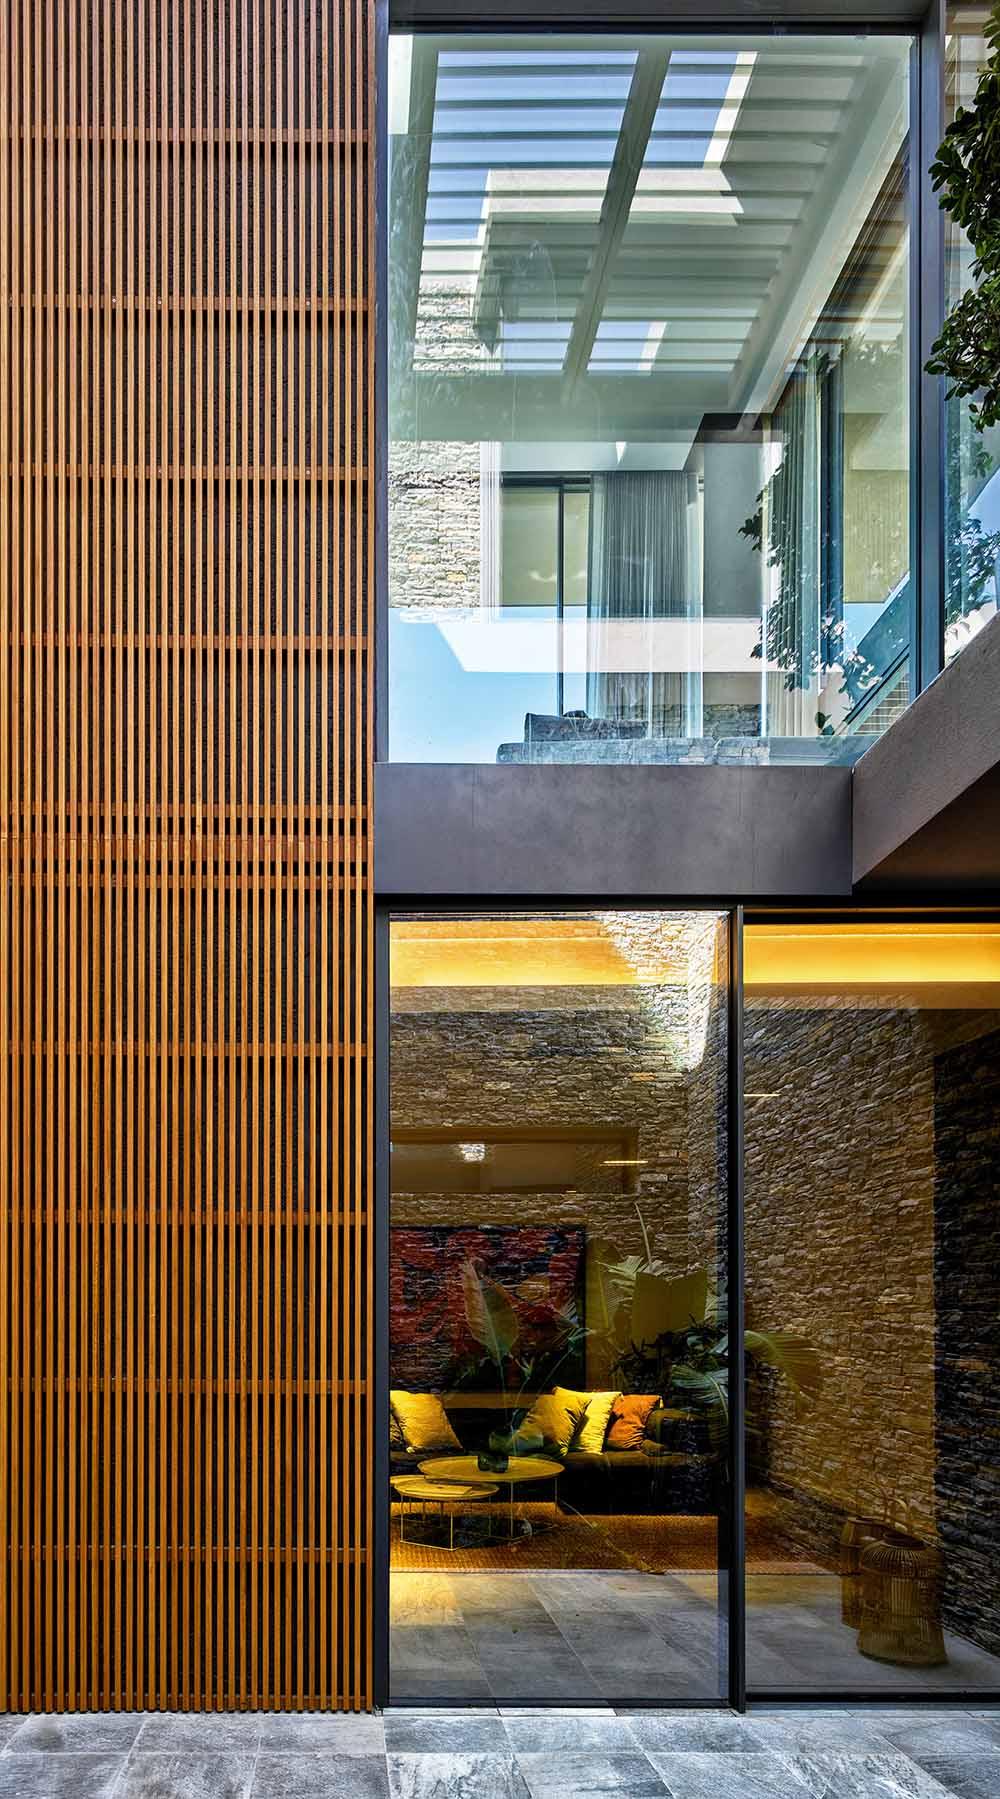 © Cemal Emden, courtesy EAA-Emre Arolat Architecture